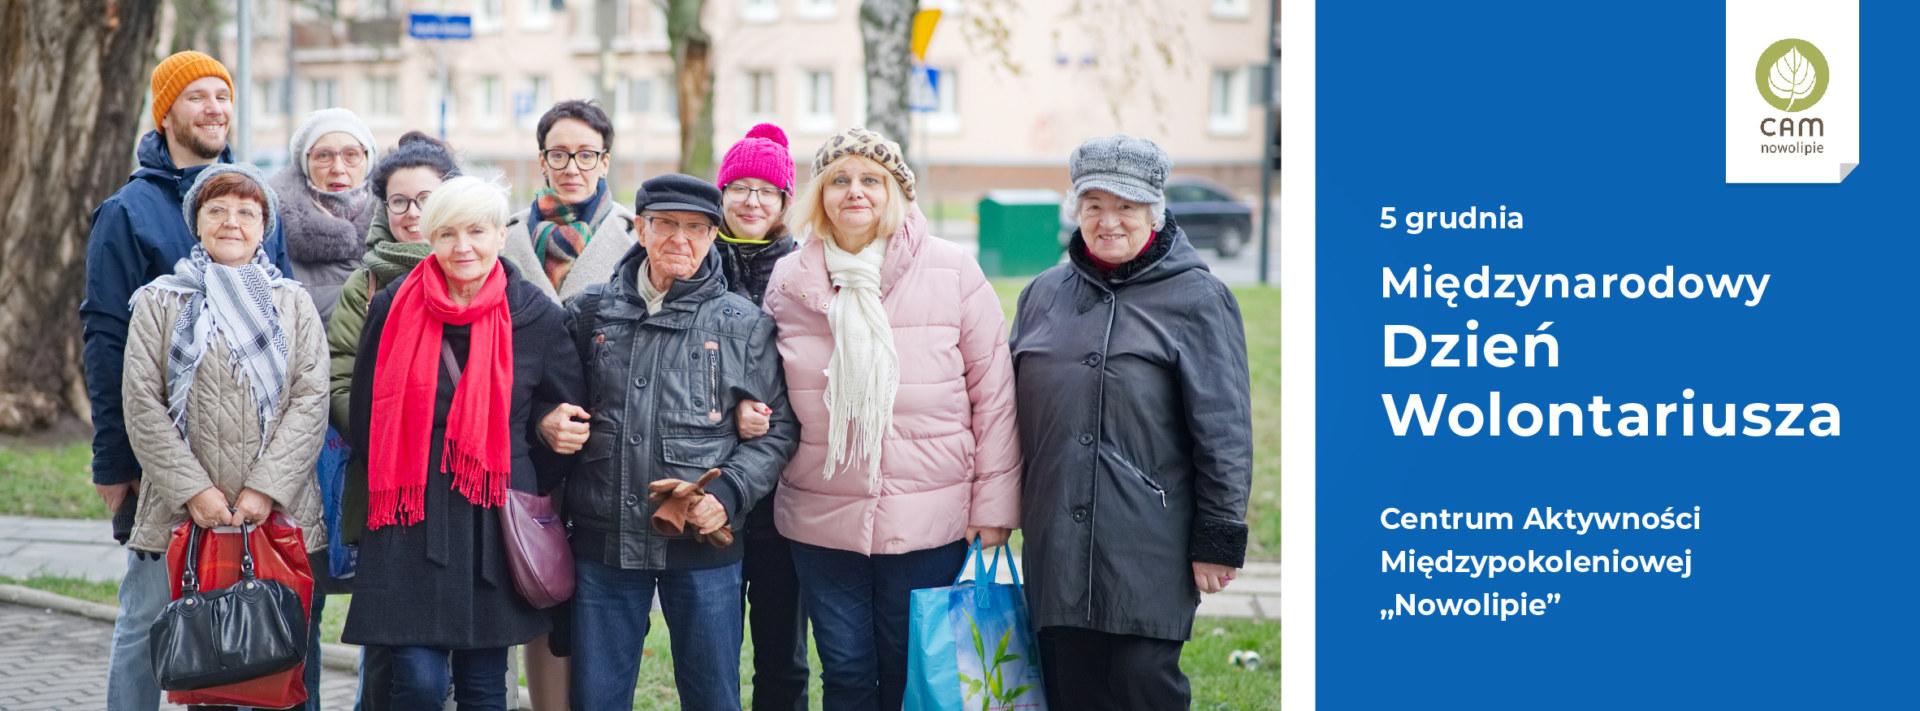 Grupa starszych i młodszych osób stoi przed kamerą.